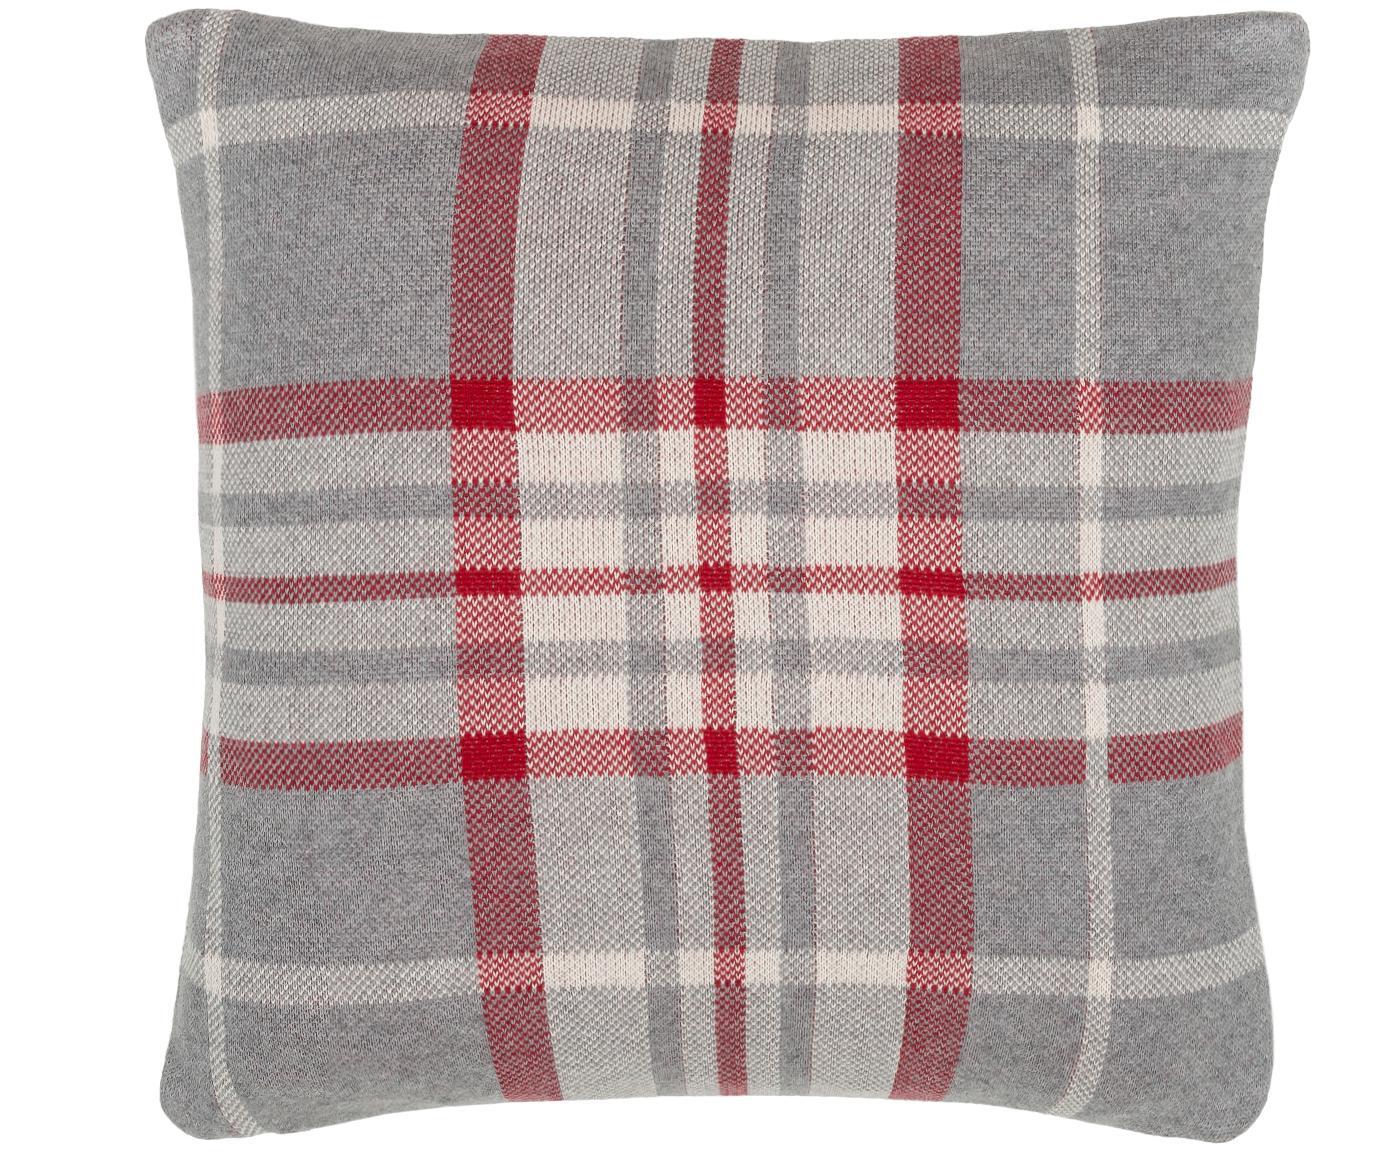 Poszewka na poduszkę z dzianiny Louis, 100% bawełna, Szary, biały, czerwony, 40 x 40 cm